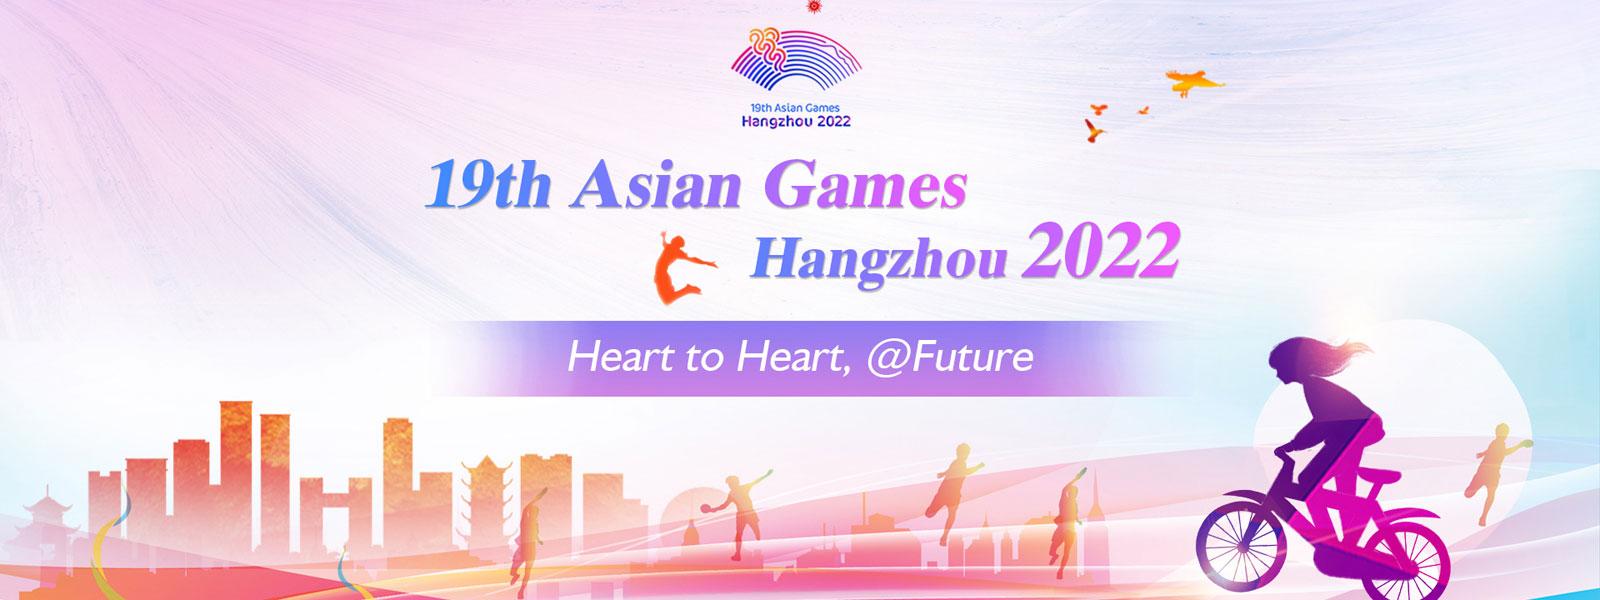 亚运会-轮播图2.jpg